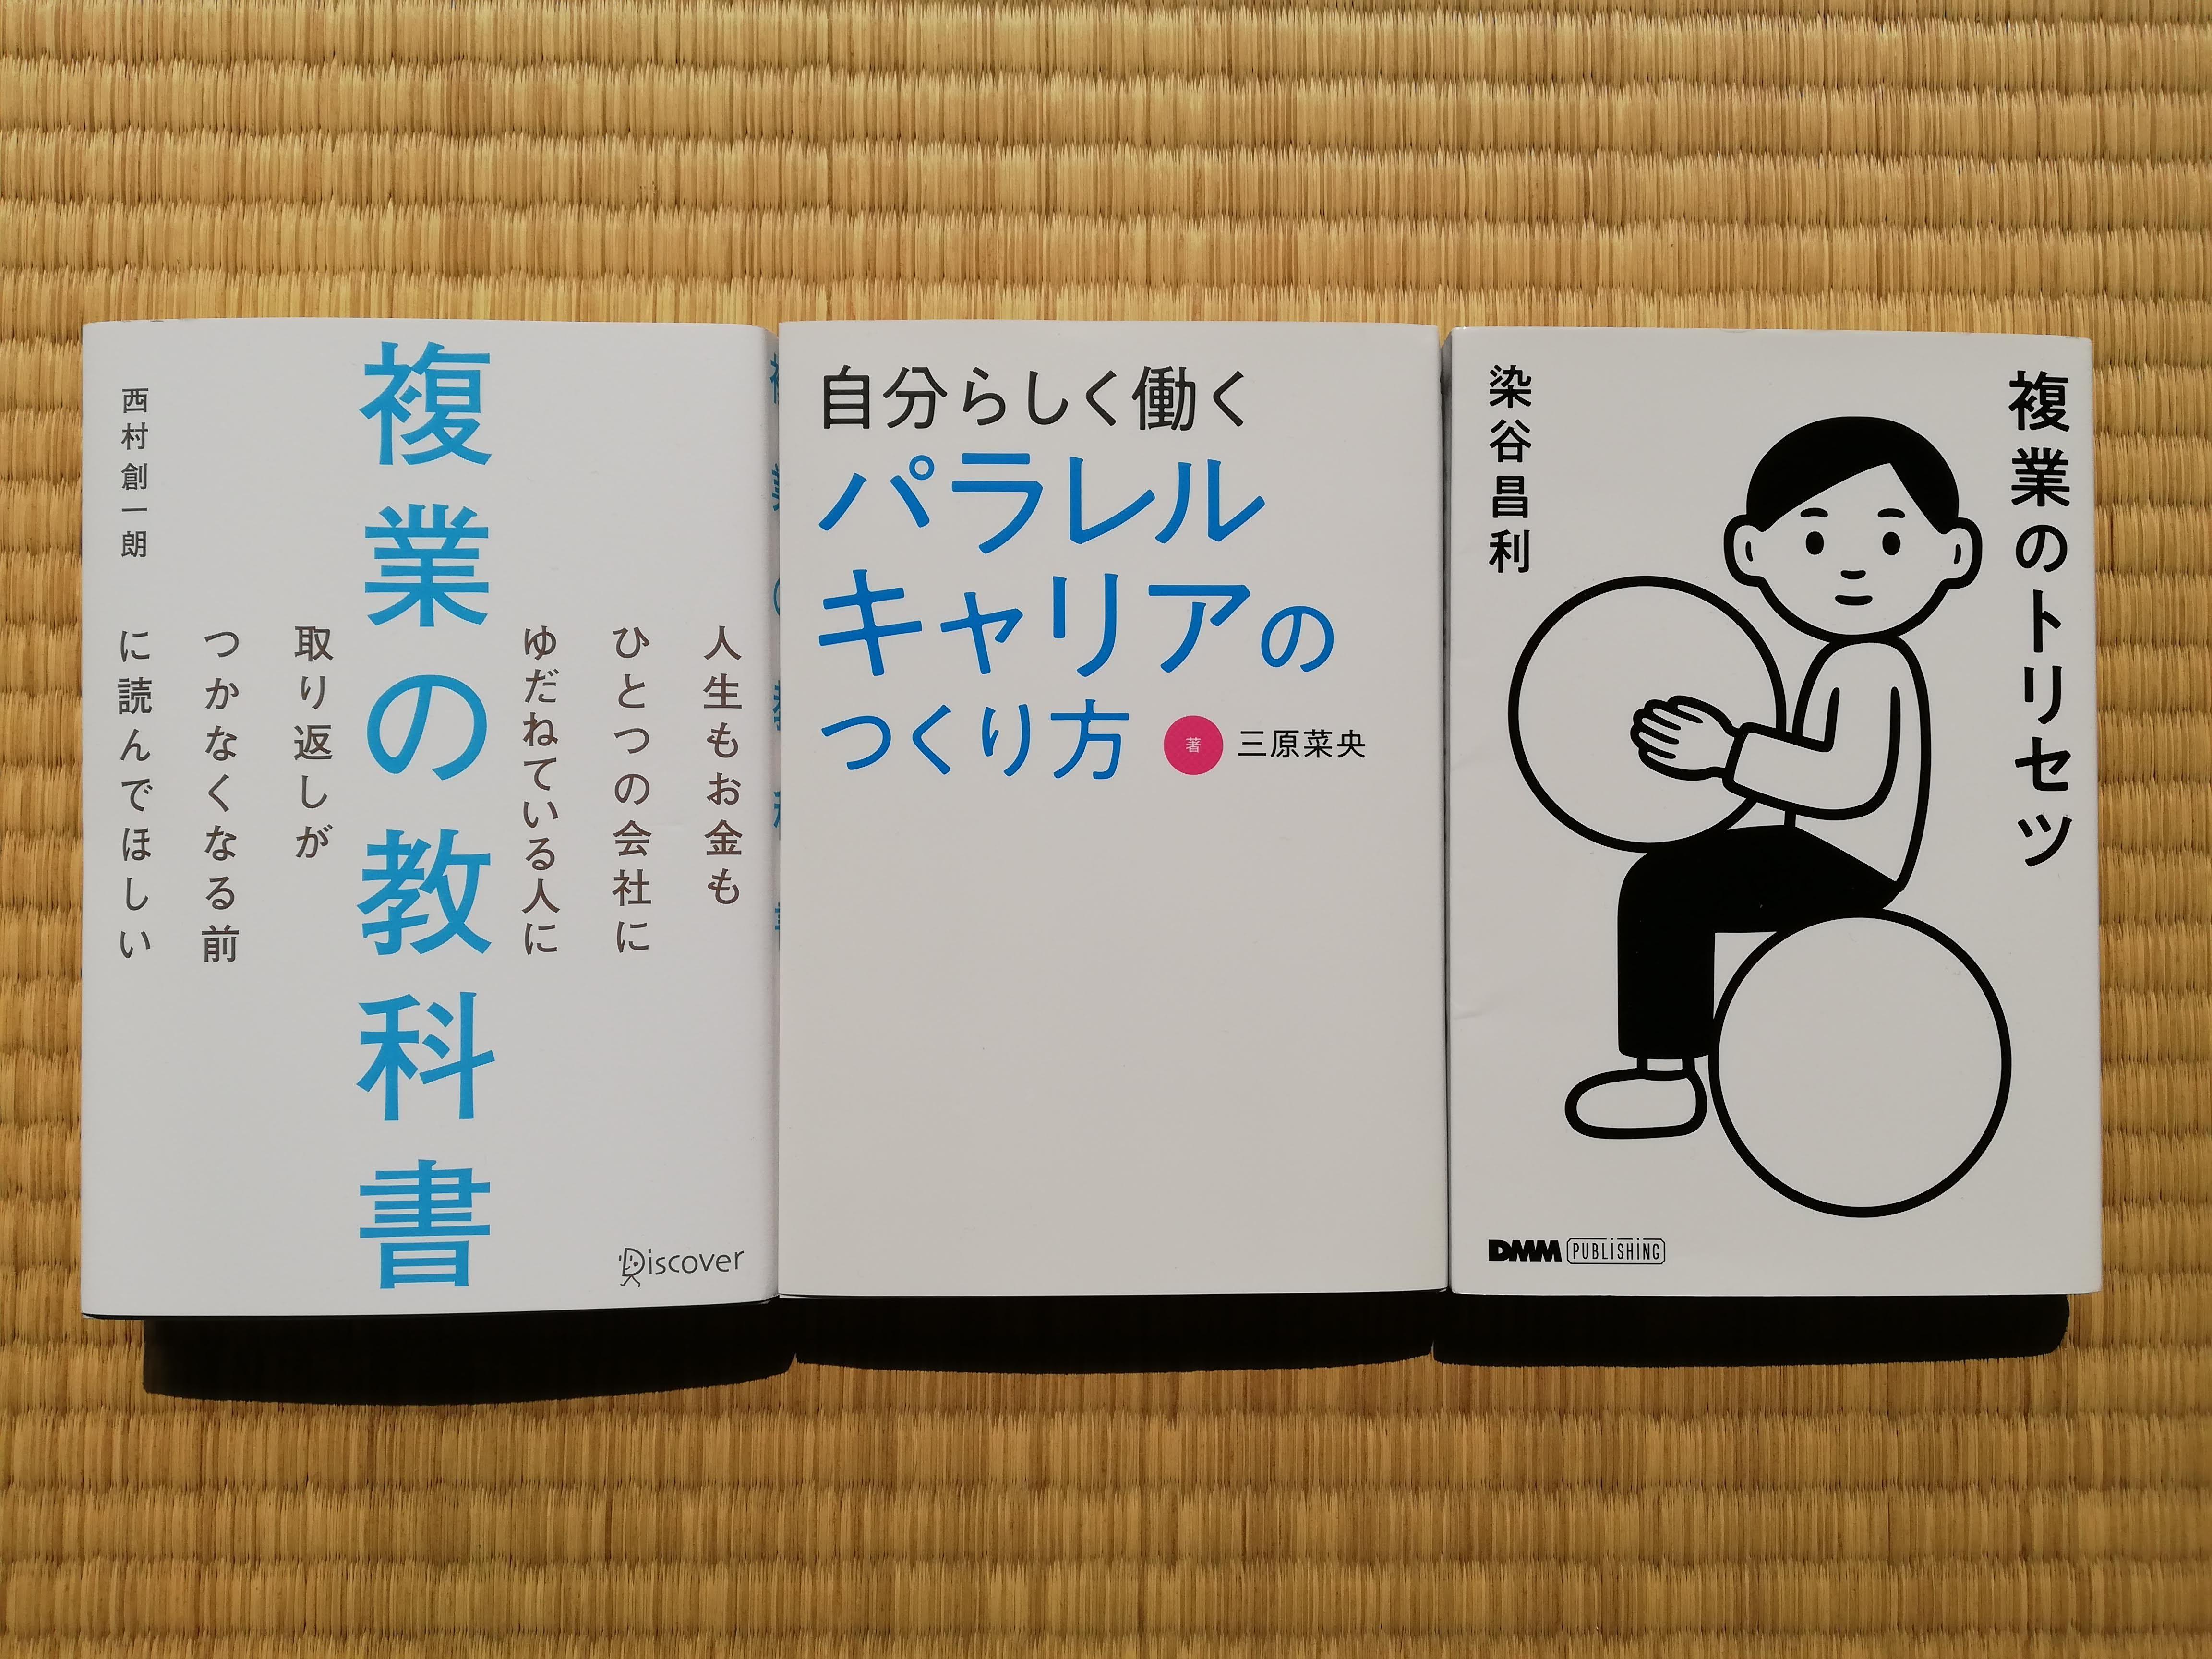 複業・パラキャリ入門本の選び方!まずは「トリセツ」「教科書」「作り方」